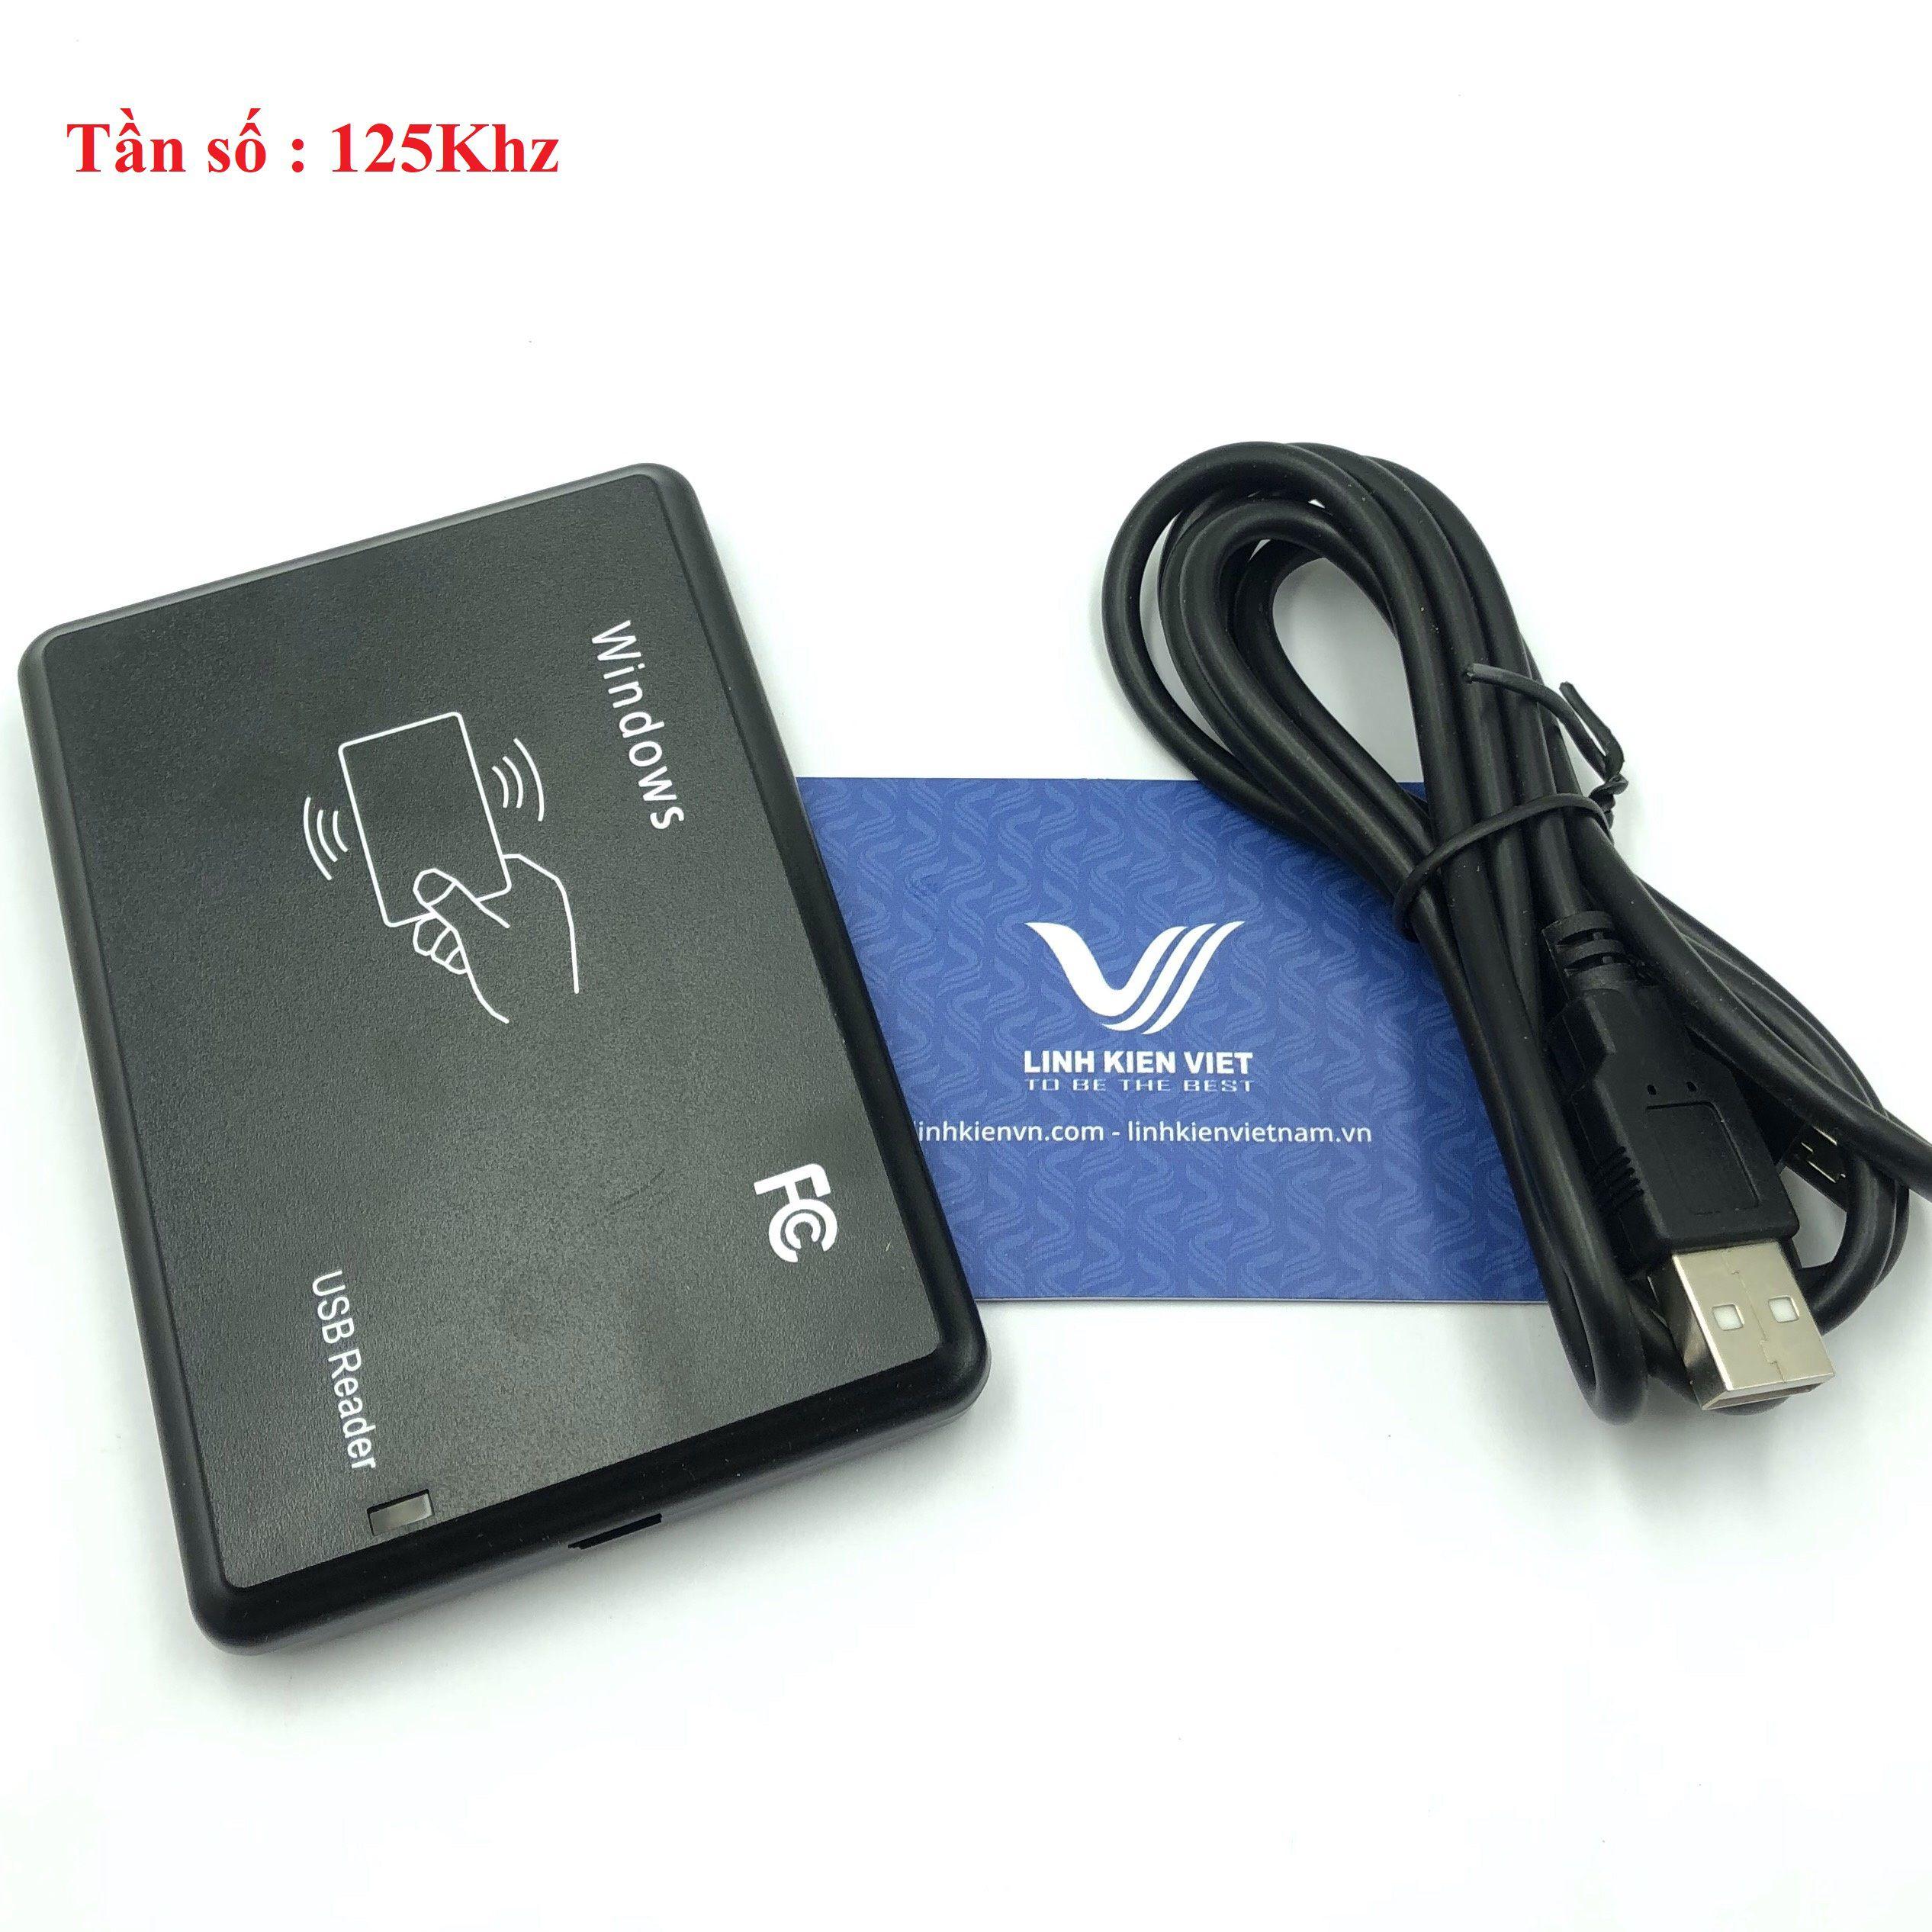 Bộ ghi đọc mã thẻ RFID 125Khz R20D-USB-8H10D /